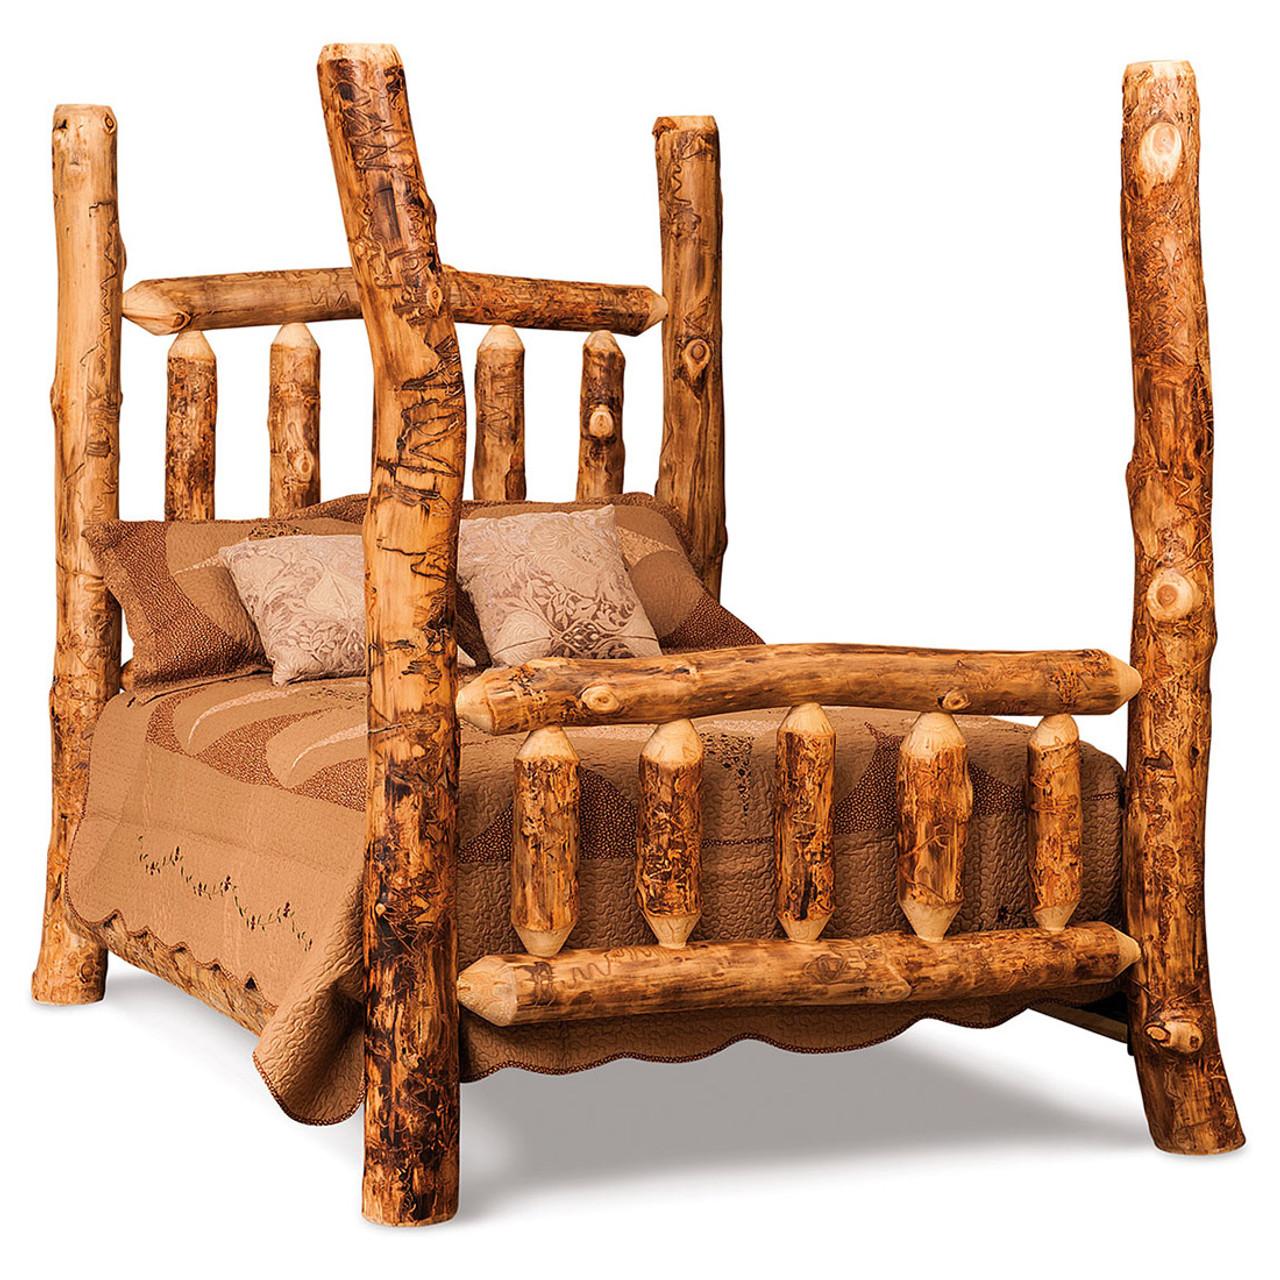 Aspen Log Full 4 Post Bed   Cherry Valley Furniture